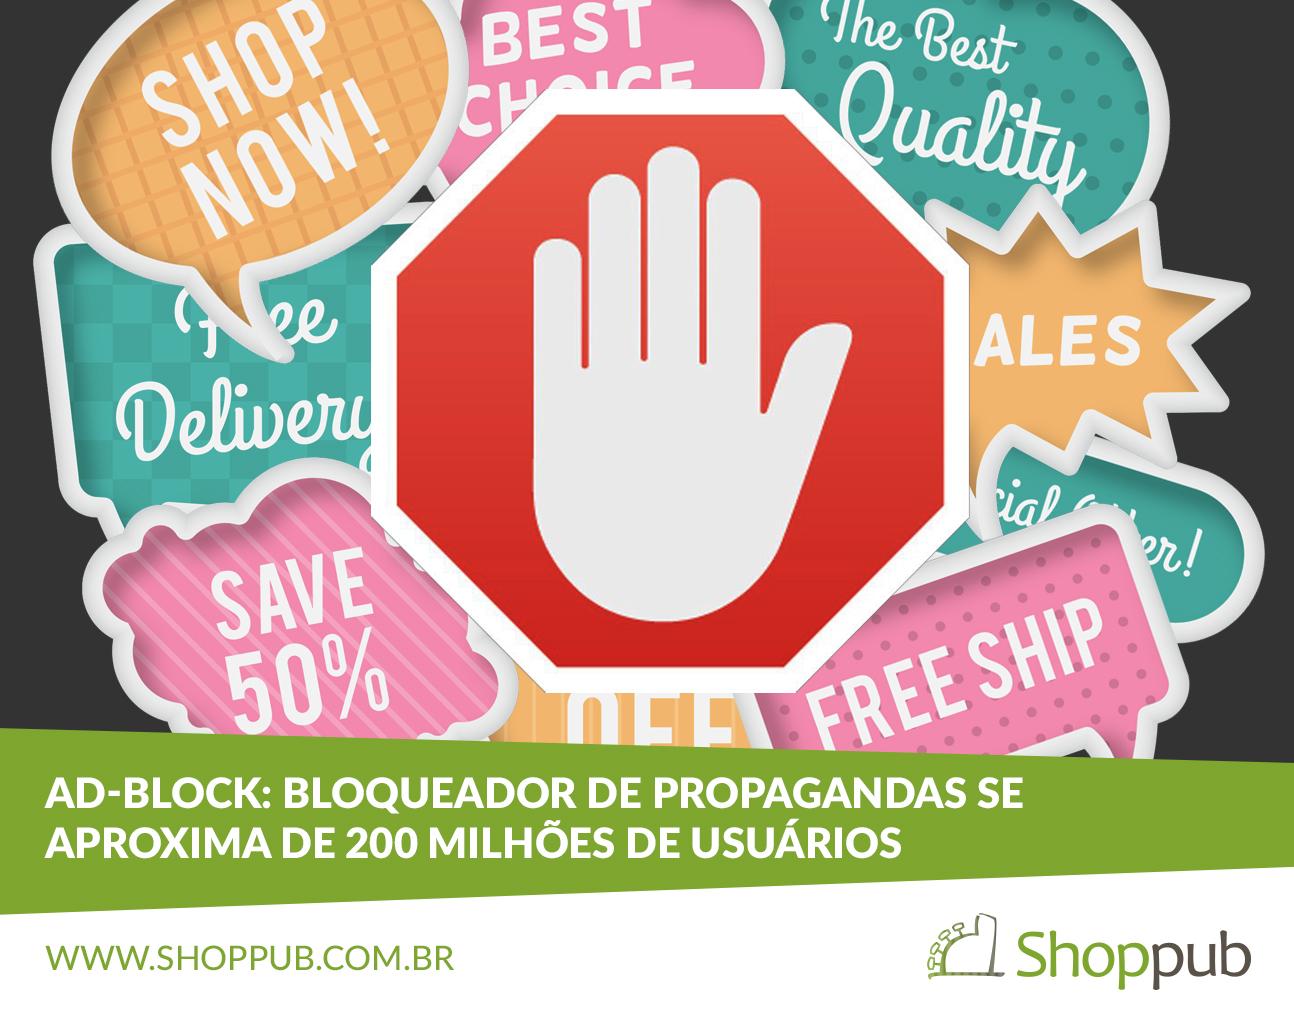 Ad-block bloqueador de propagandas se aproxima de 200 milhões de usuários